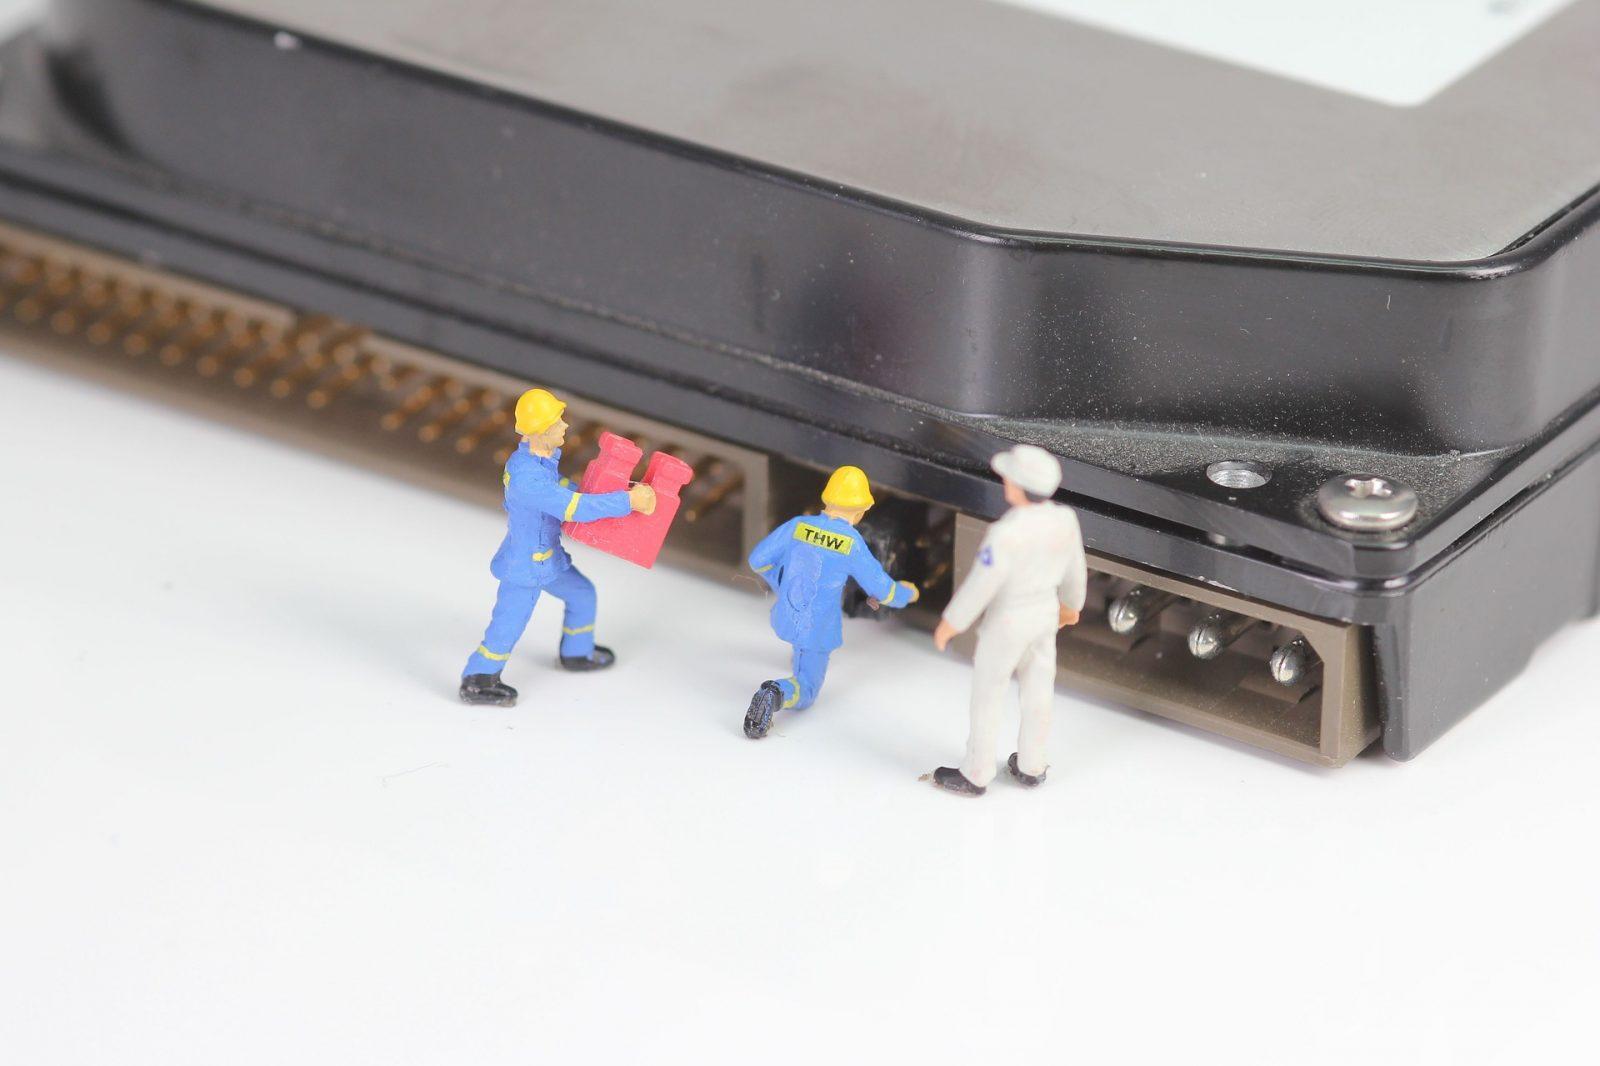 Fichiers supprimés par accident: comment les récupérer gratuitement?